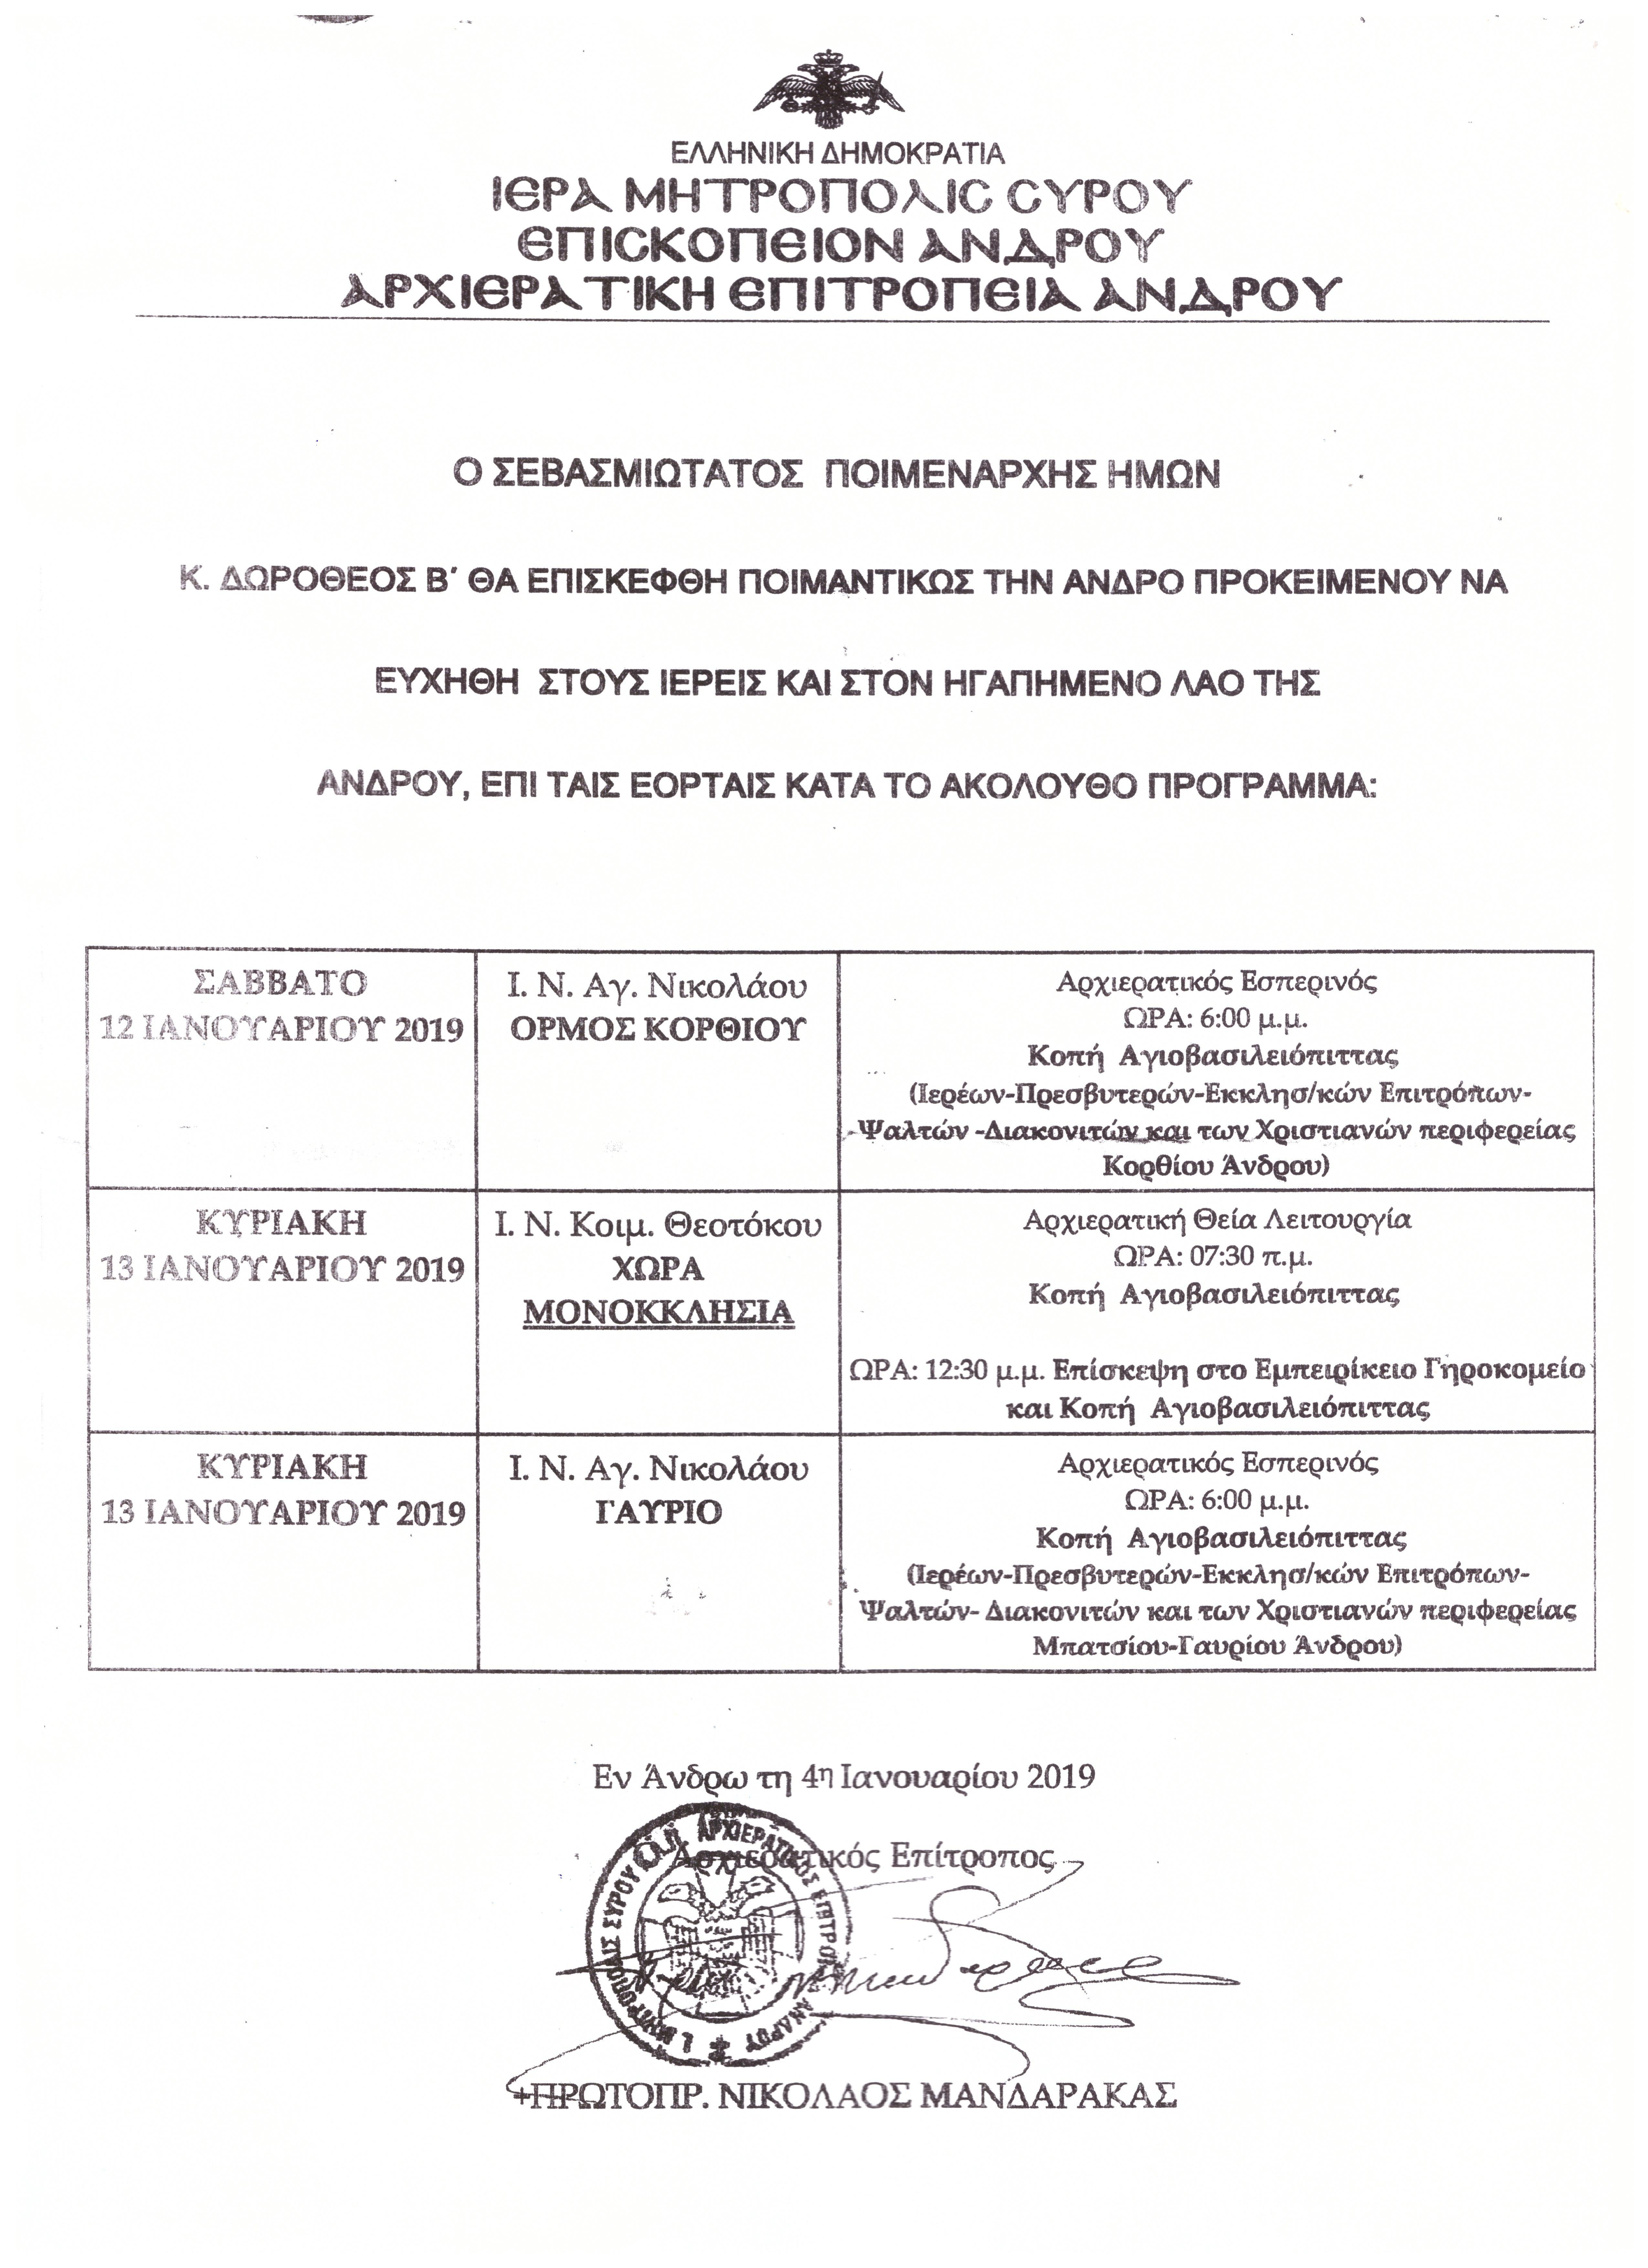 ΠΡΟΓΡΑΜΜΑ ΣΕΒΑΣΜΙΩΤΑΤΟΥ 001 (1)